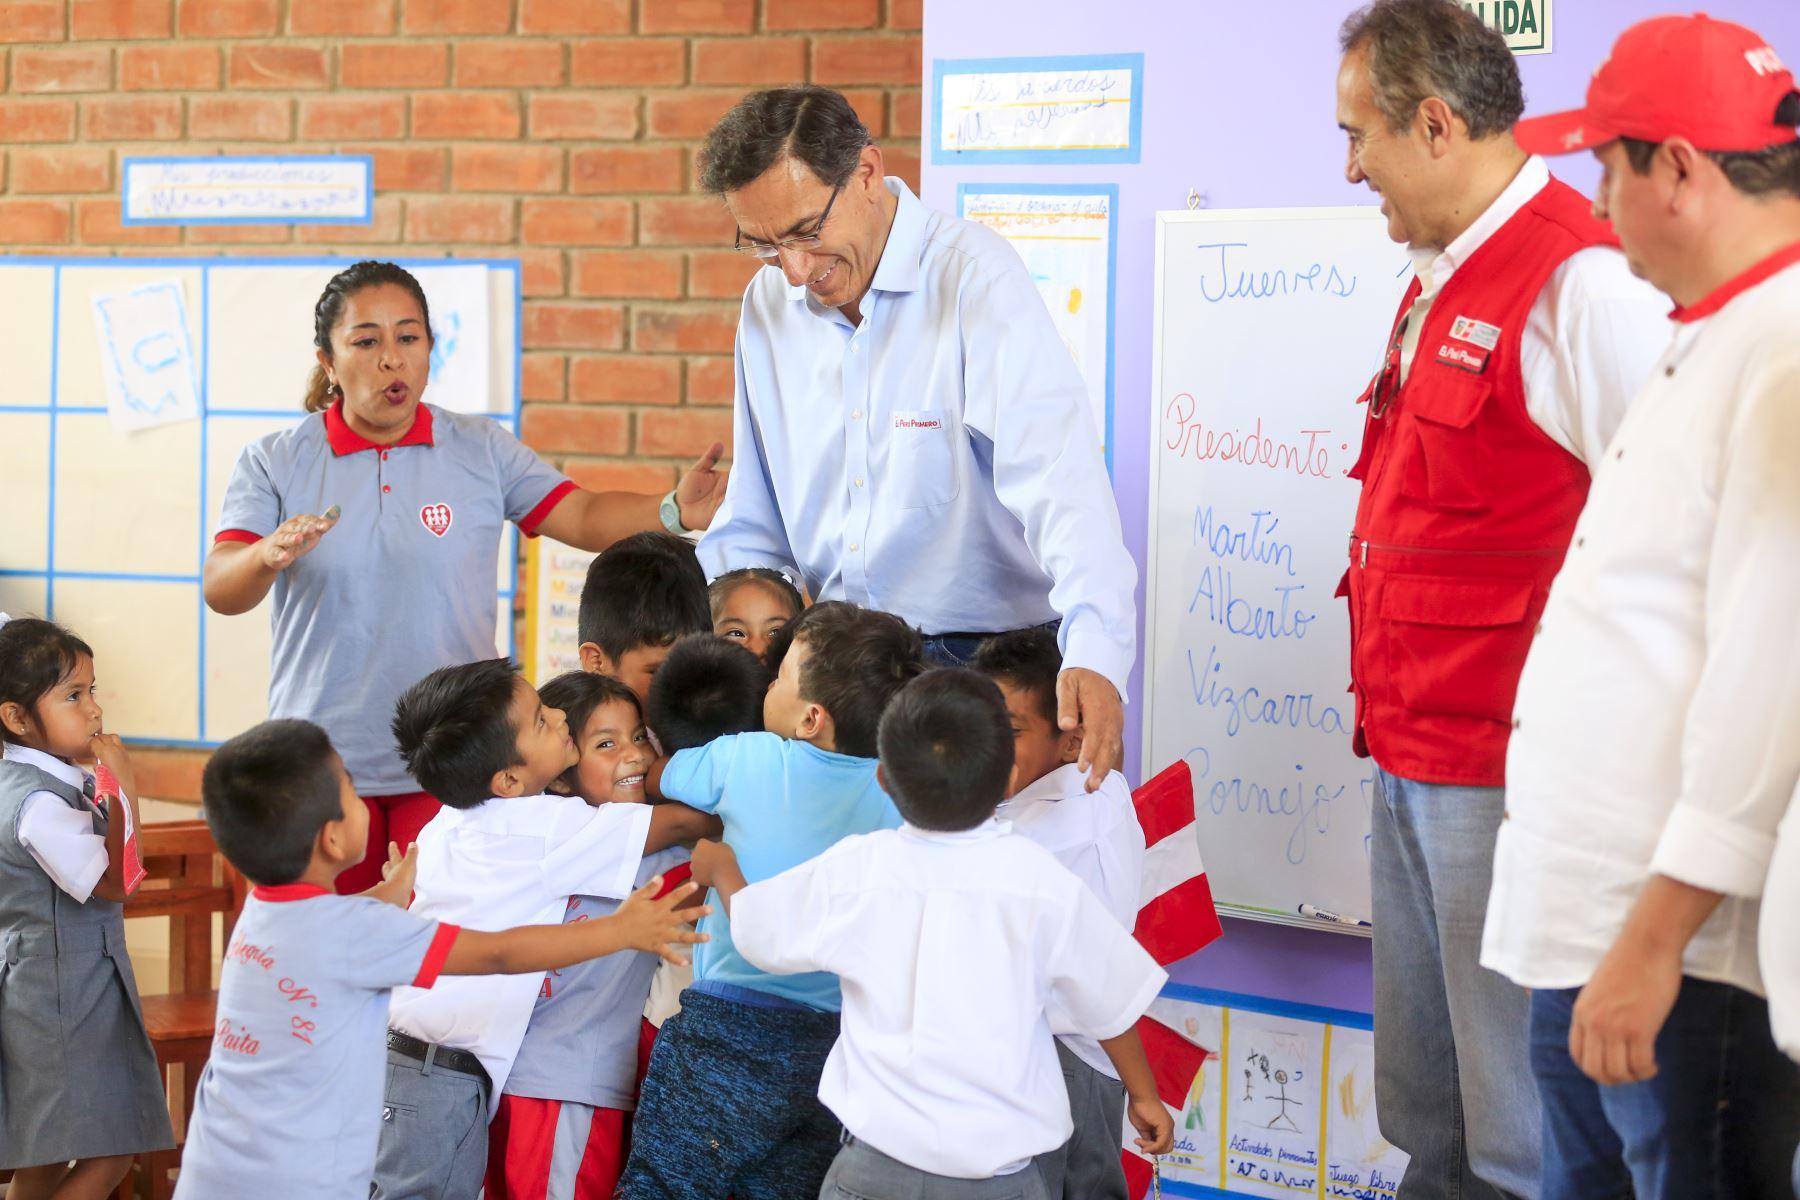 Presidente de la República , Martín Vizcarra, inaugura los ambientes de nivel inicial del colegio Fe y Alegría Nº81 de Paita. Foto: ANDINA/Prensa Presidencia